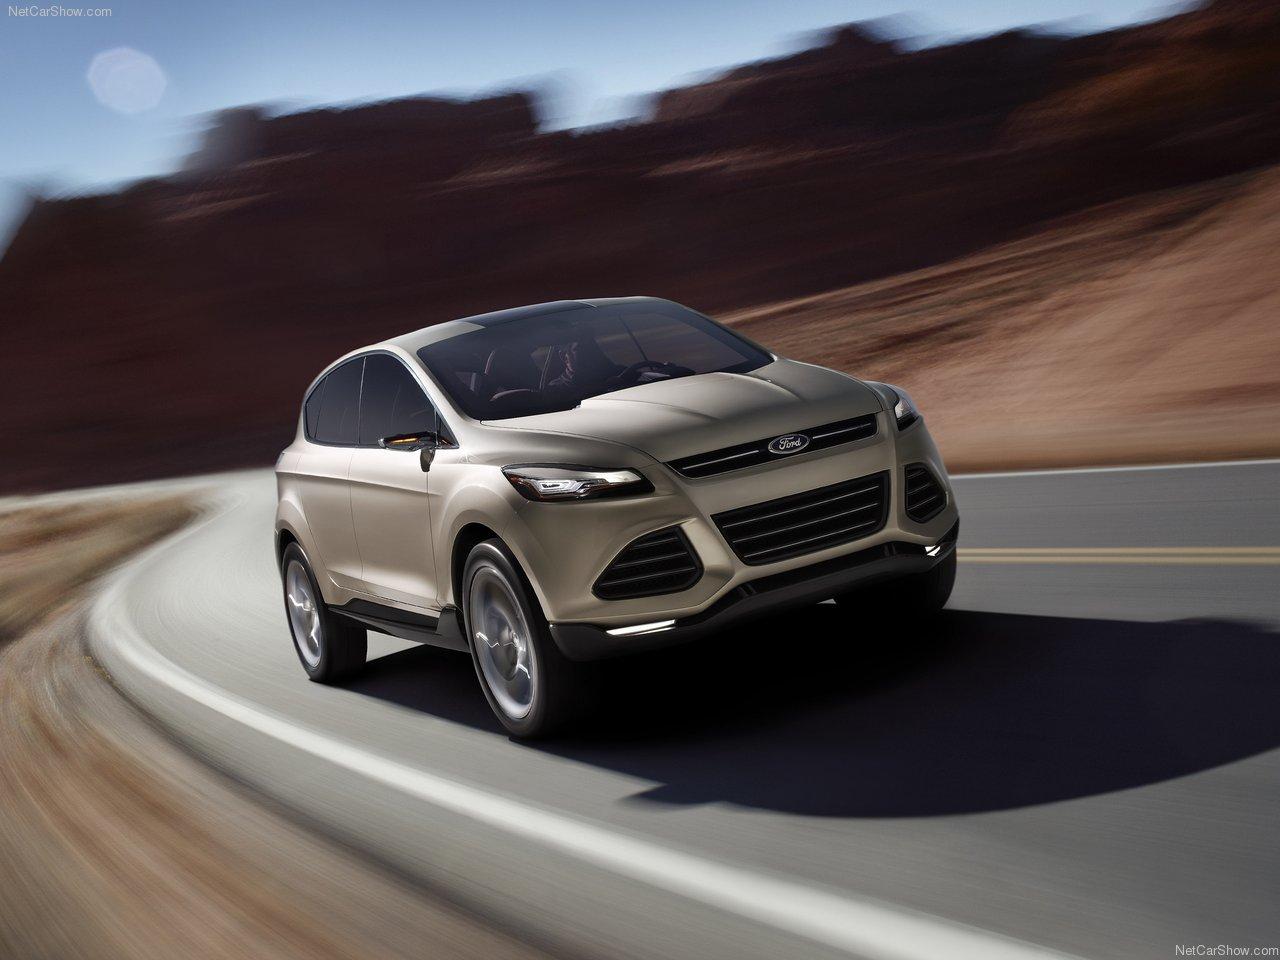 http://3.bp.blogspot.com/_1vrTNYggO-A/TS_x3uKHMjI/AAAAAAAAAiU/3_cqSmVl56U/s1600/Ford-Vertrek_Concept_2011_1280x960_wallpaper_01.jpg